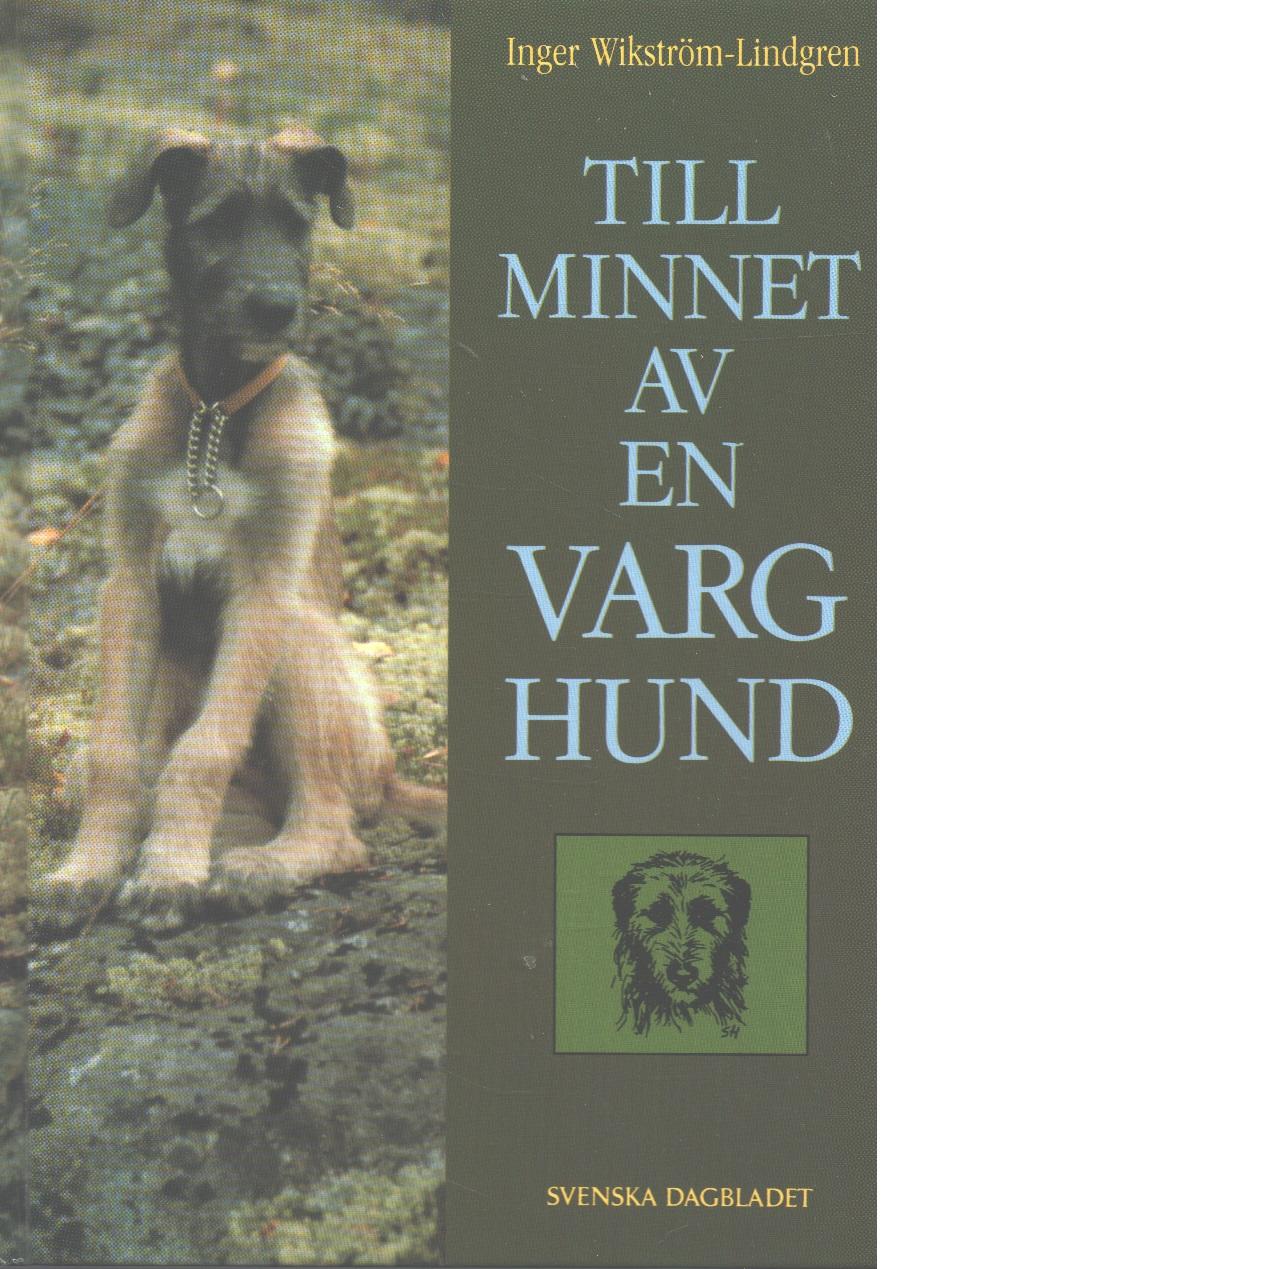 Till minnet av en varghund - Wikström-Lindgren, Inger